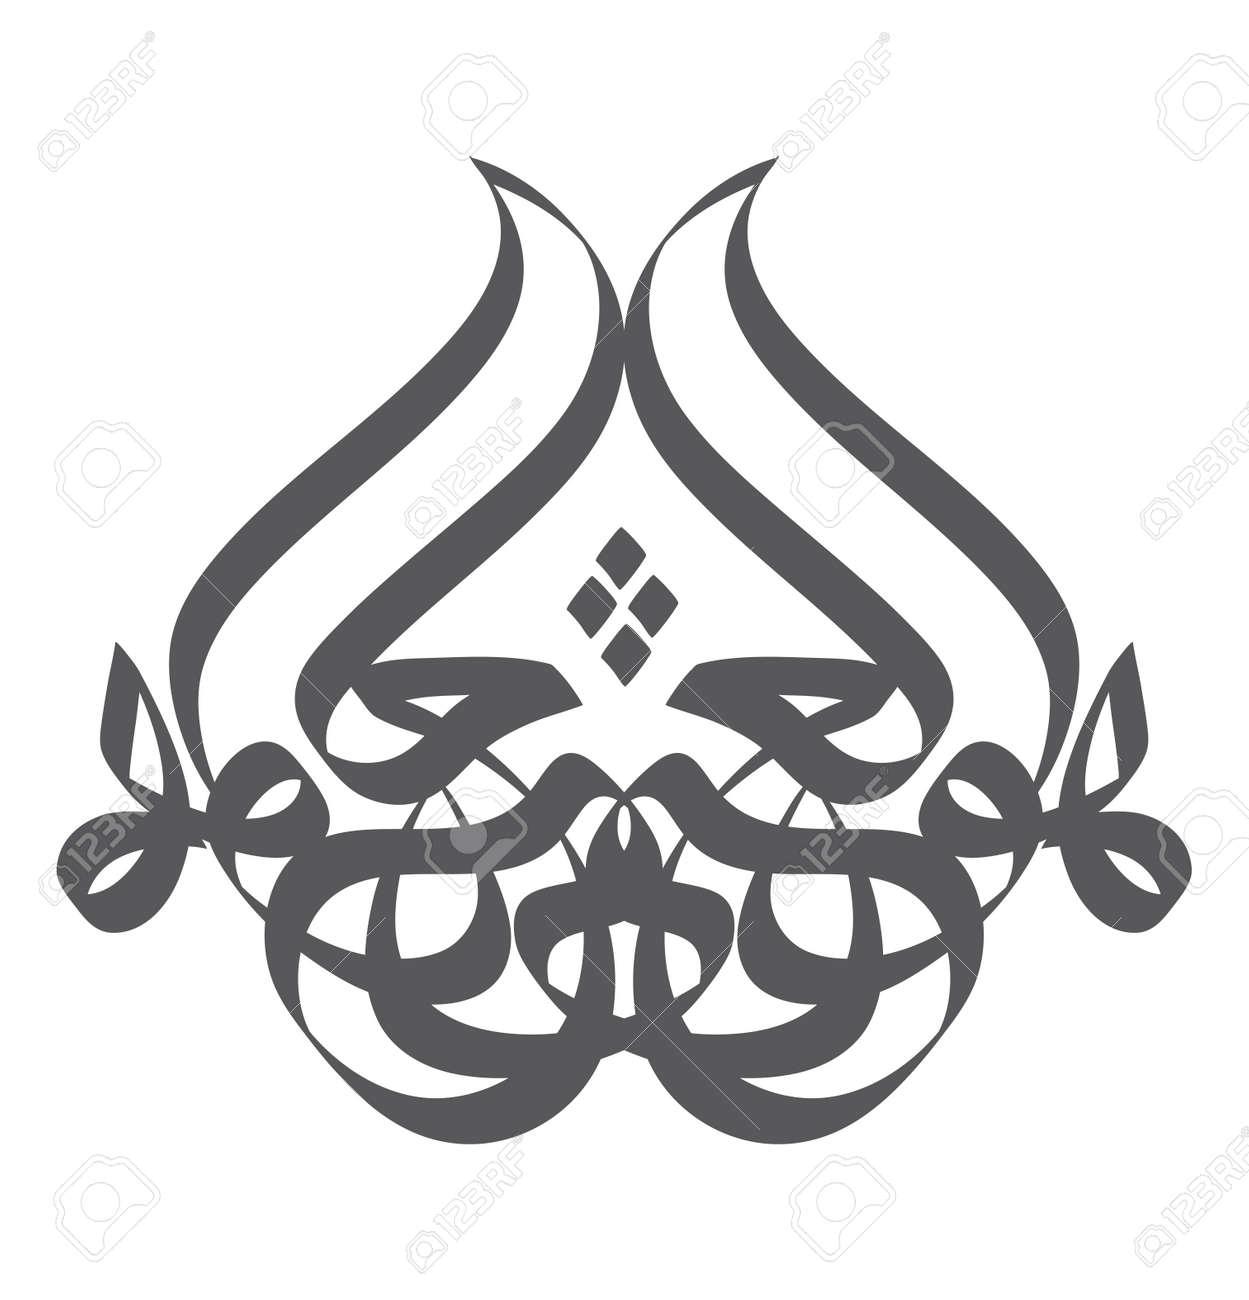 Turkish ottoman style calligraphy with arabic letters the meaning turkish ottoman style calligraphy with arabic letters the meaning is o some decency buycottarizona Image collections